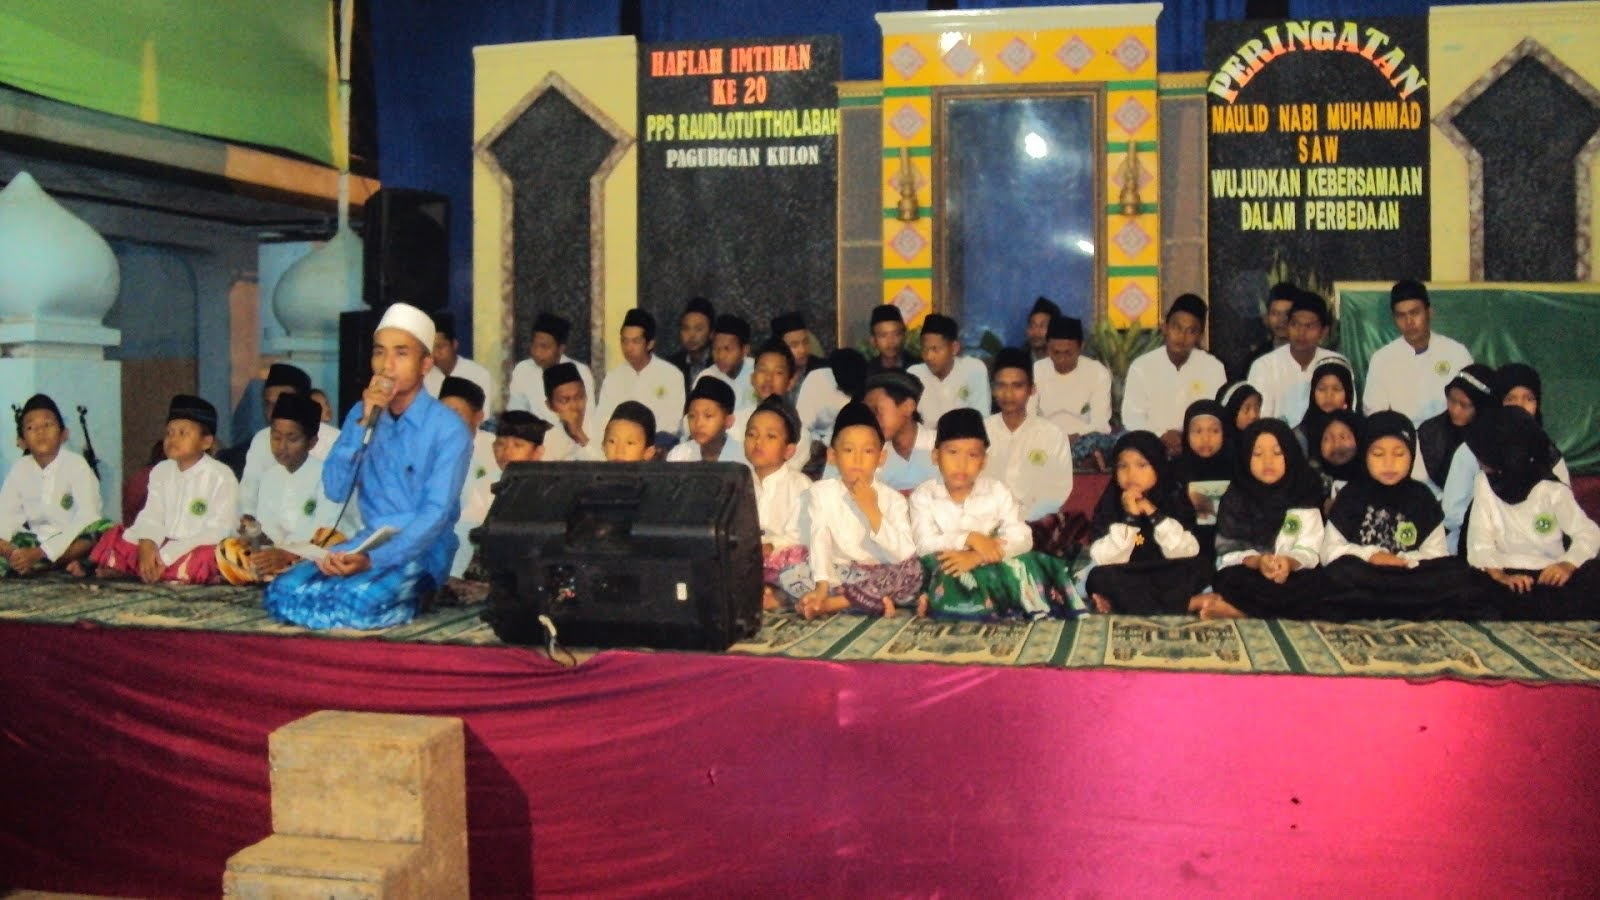 Khaflah Imtihan ke-20 , 2014